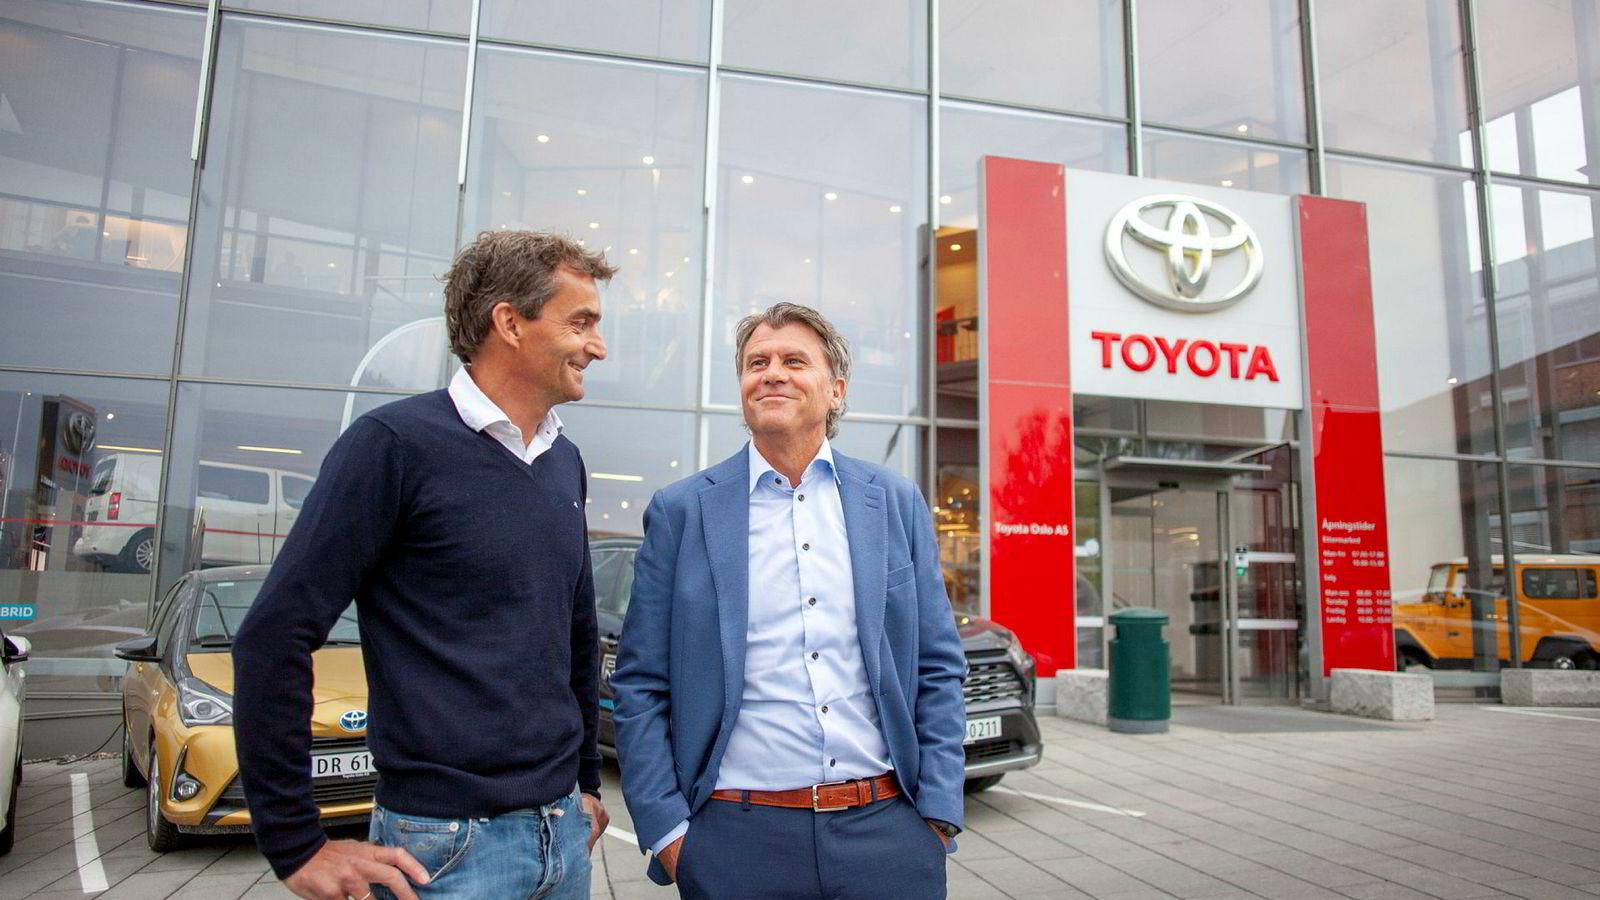 Bauda, Norges største Toyota-forhandlerkjede har levert gode tall tross mangel på elbil. Til venstre styreformann og eier Henrik Baumann sammen med konsernsjef Geir Guthus utenfor Baudas hovedkontor på Økern i Oslo.